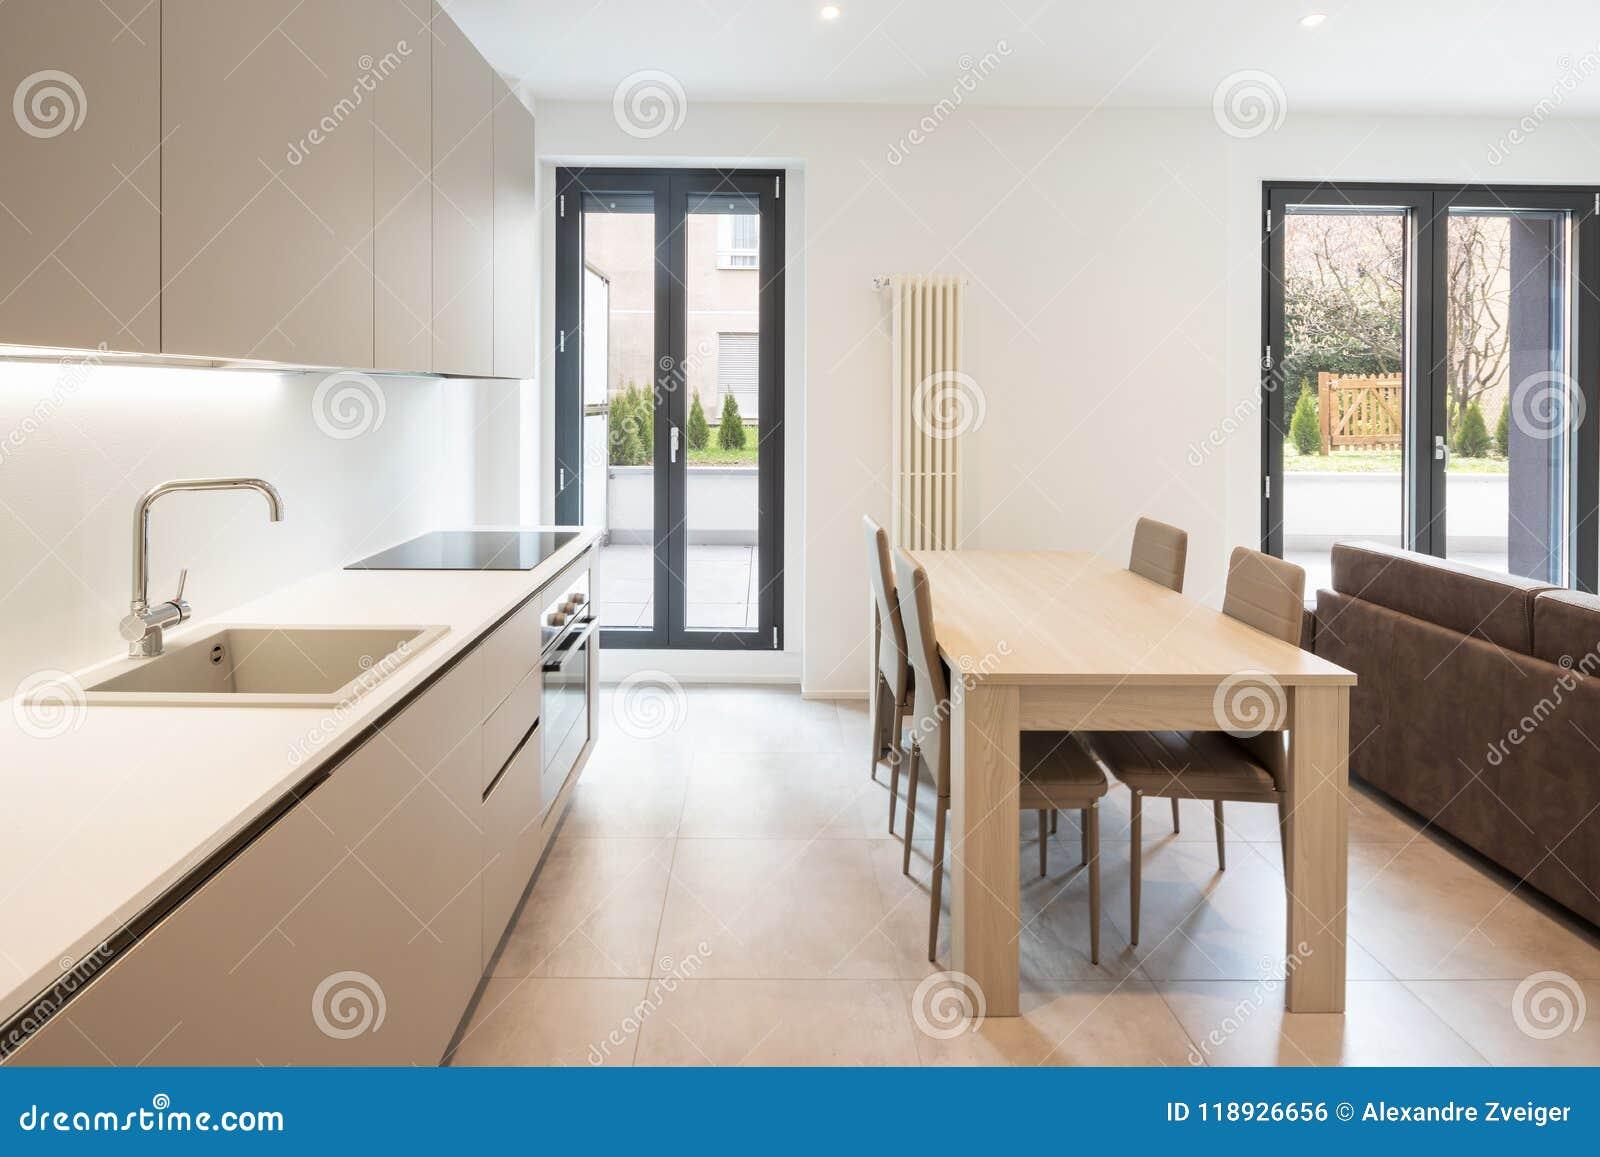 Offener Raum Mit Eleganter Küche Und Wohnzimmer Stockfoto ...